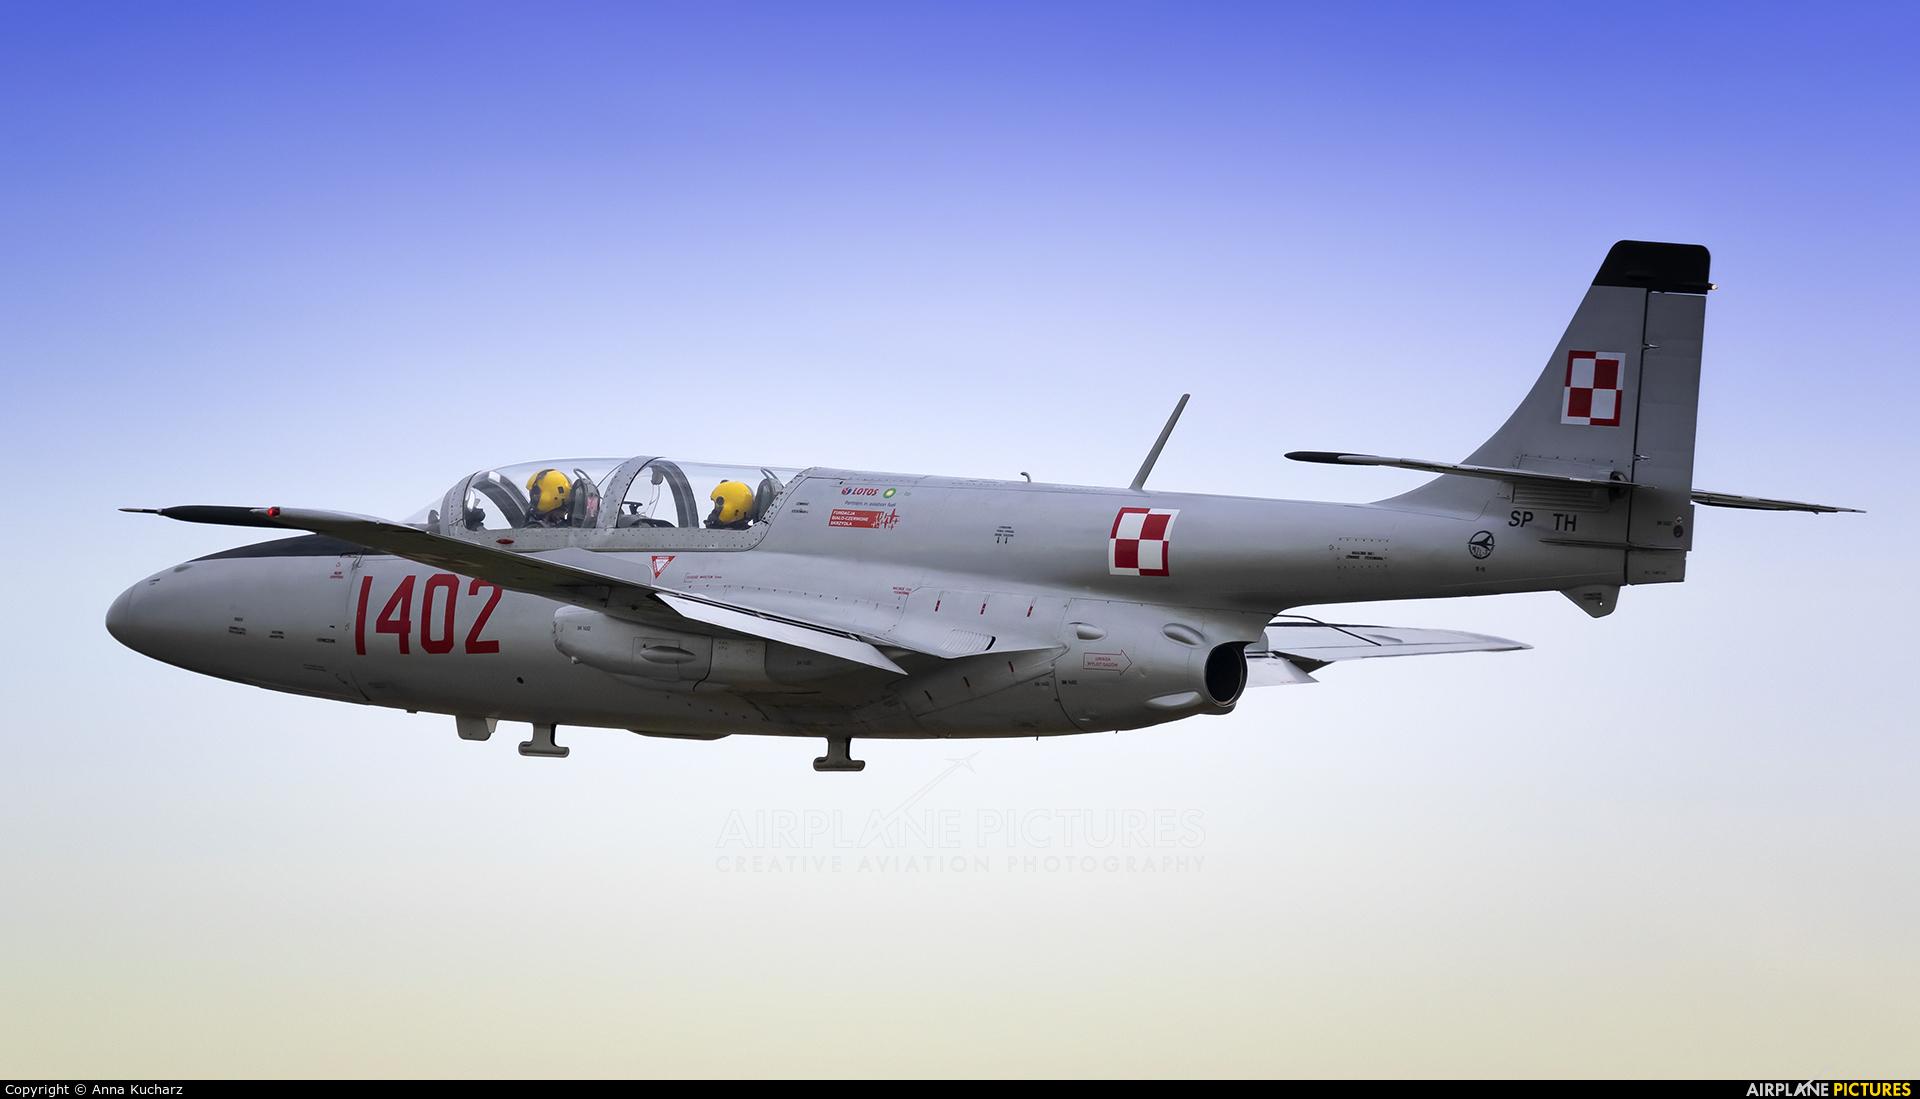 Fundacja Biało-Czerwone Skrzydła SP-YTH aircraft at Piotrków Trybunalski